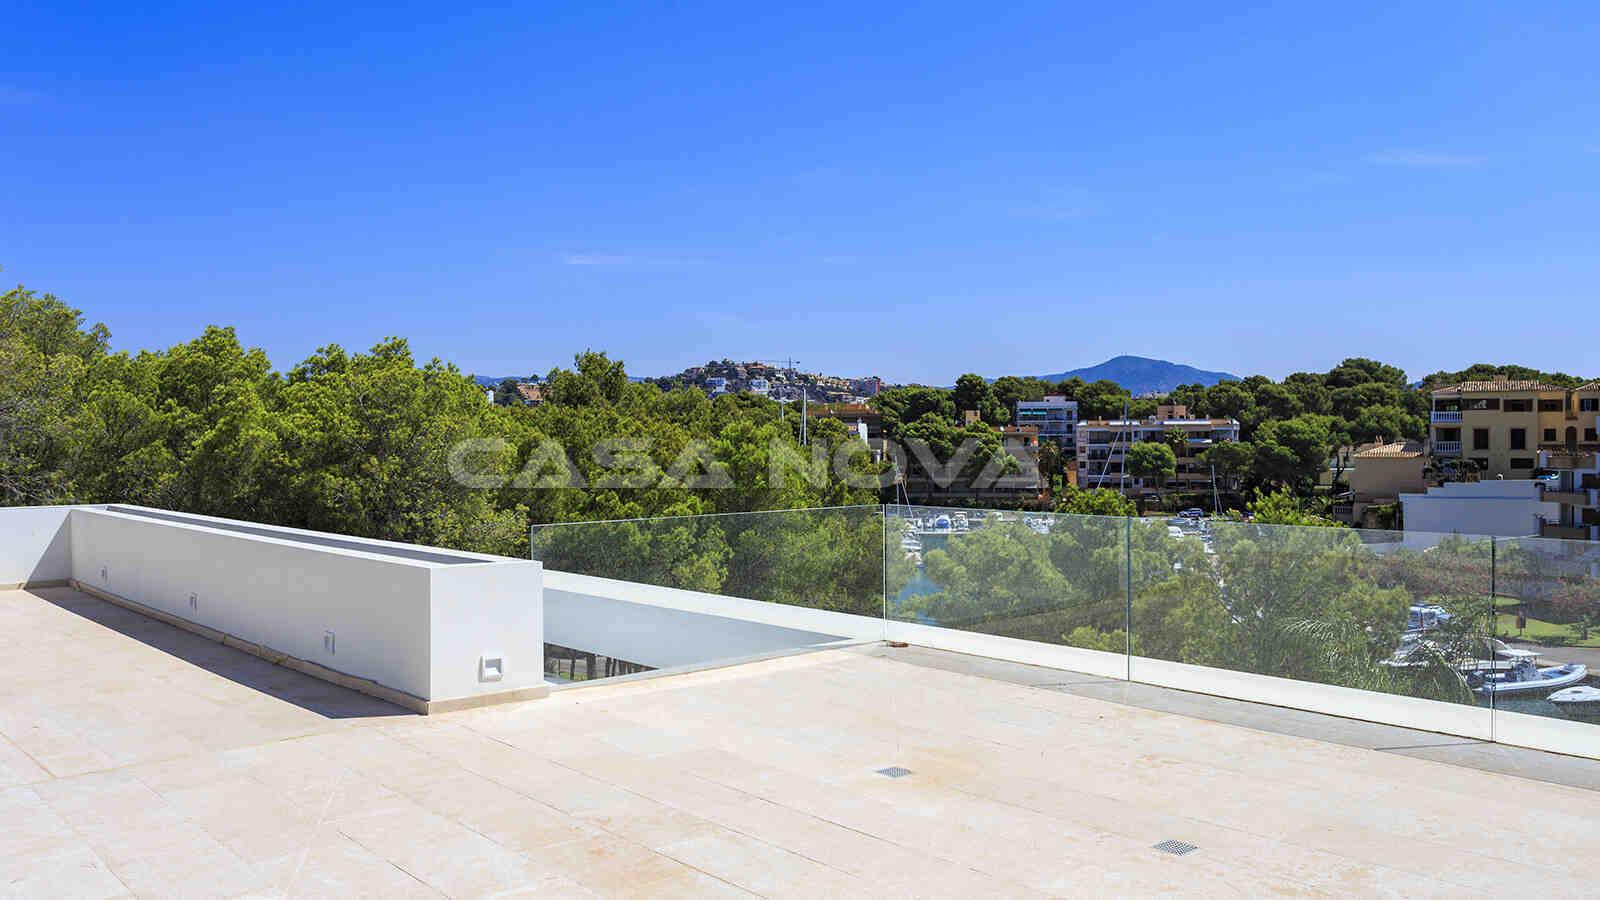 Ref. 2402530 - Moderne Dachterrasse mit schönem Weitblick